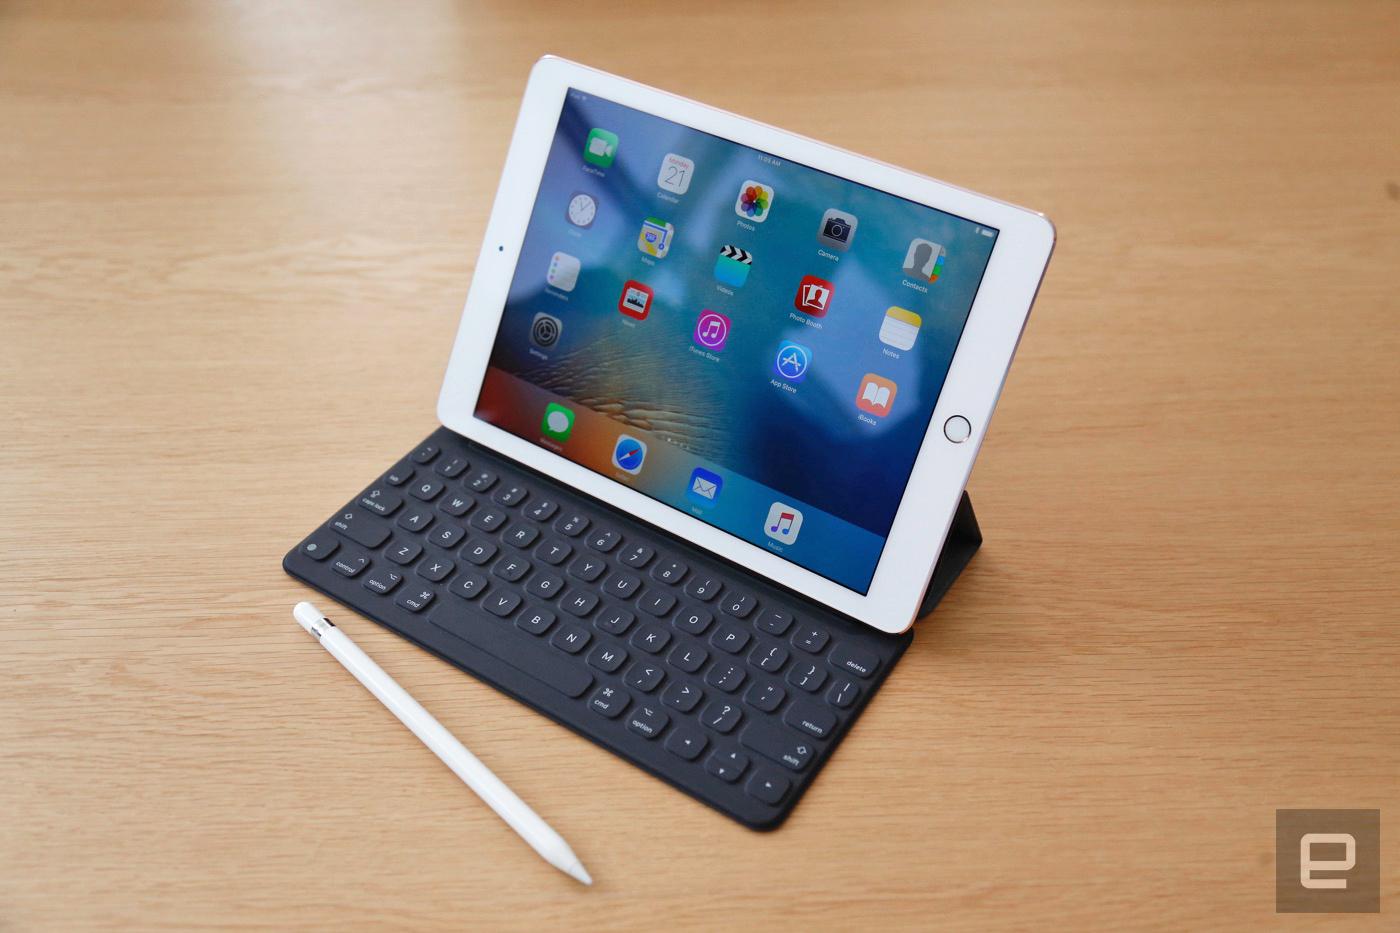 Un vistazo al iPad Pro de 9,7 pulgadas de cerca